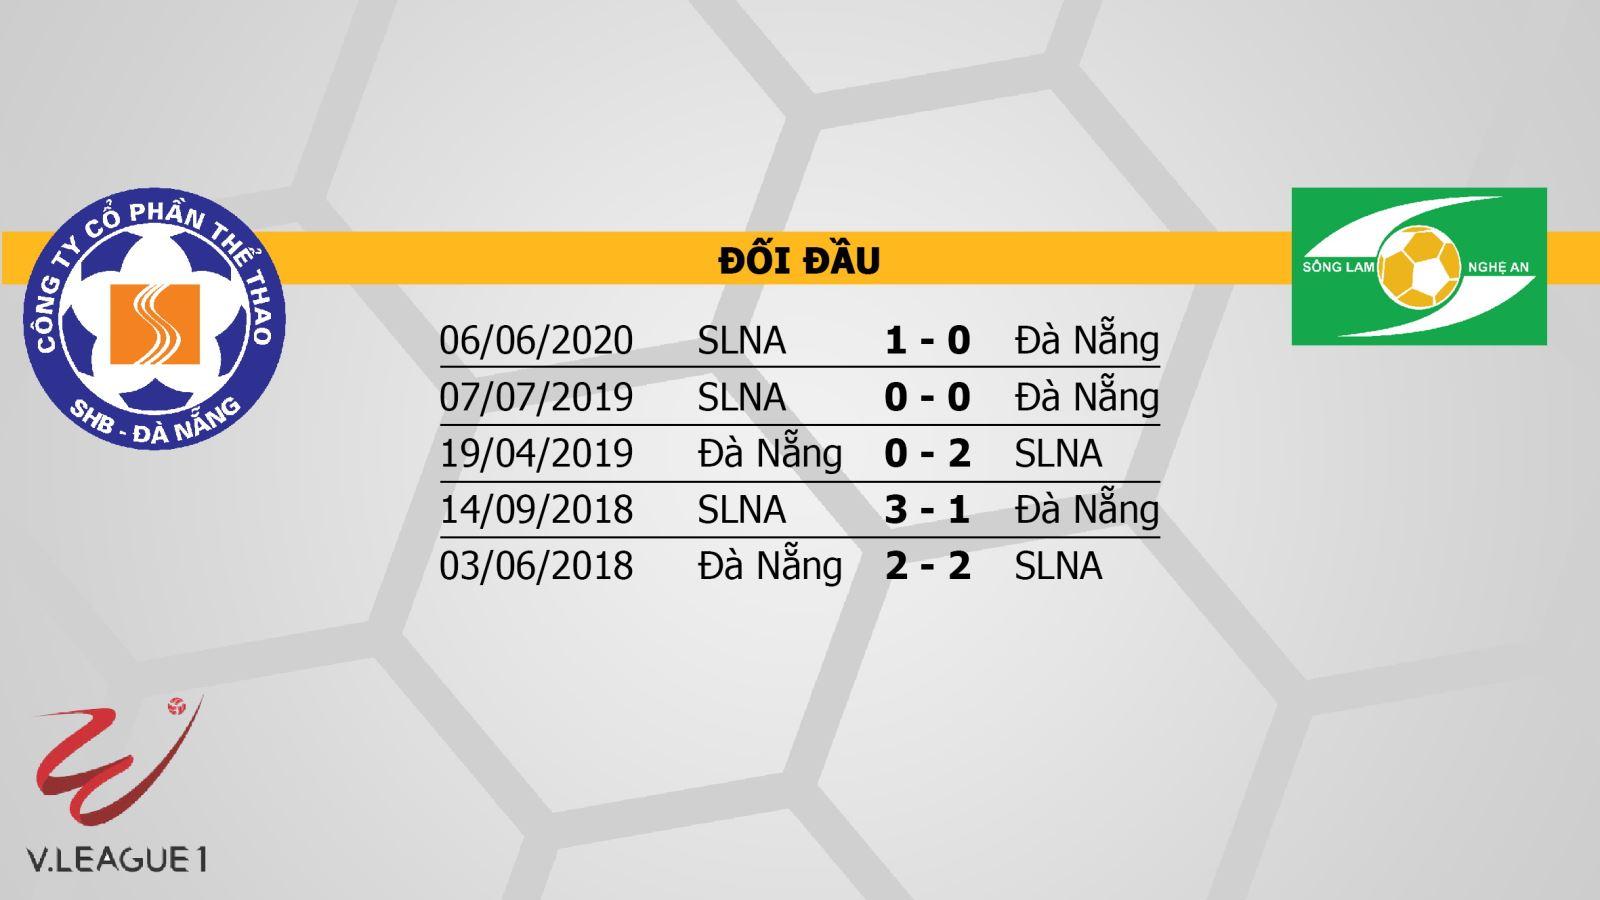 Keo nha cai, kèo nhà cái, Đà Nẵng vs SLNA, trực tiếp bóng đá, trực tiếp V-League 2020, soi kèo nhà cái, soi kèo SLNA đấu với Đà Nẵng, kèo SLNA, TTTT HD, kèo bóng đá